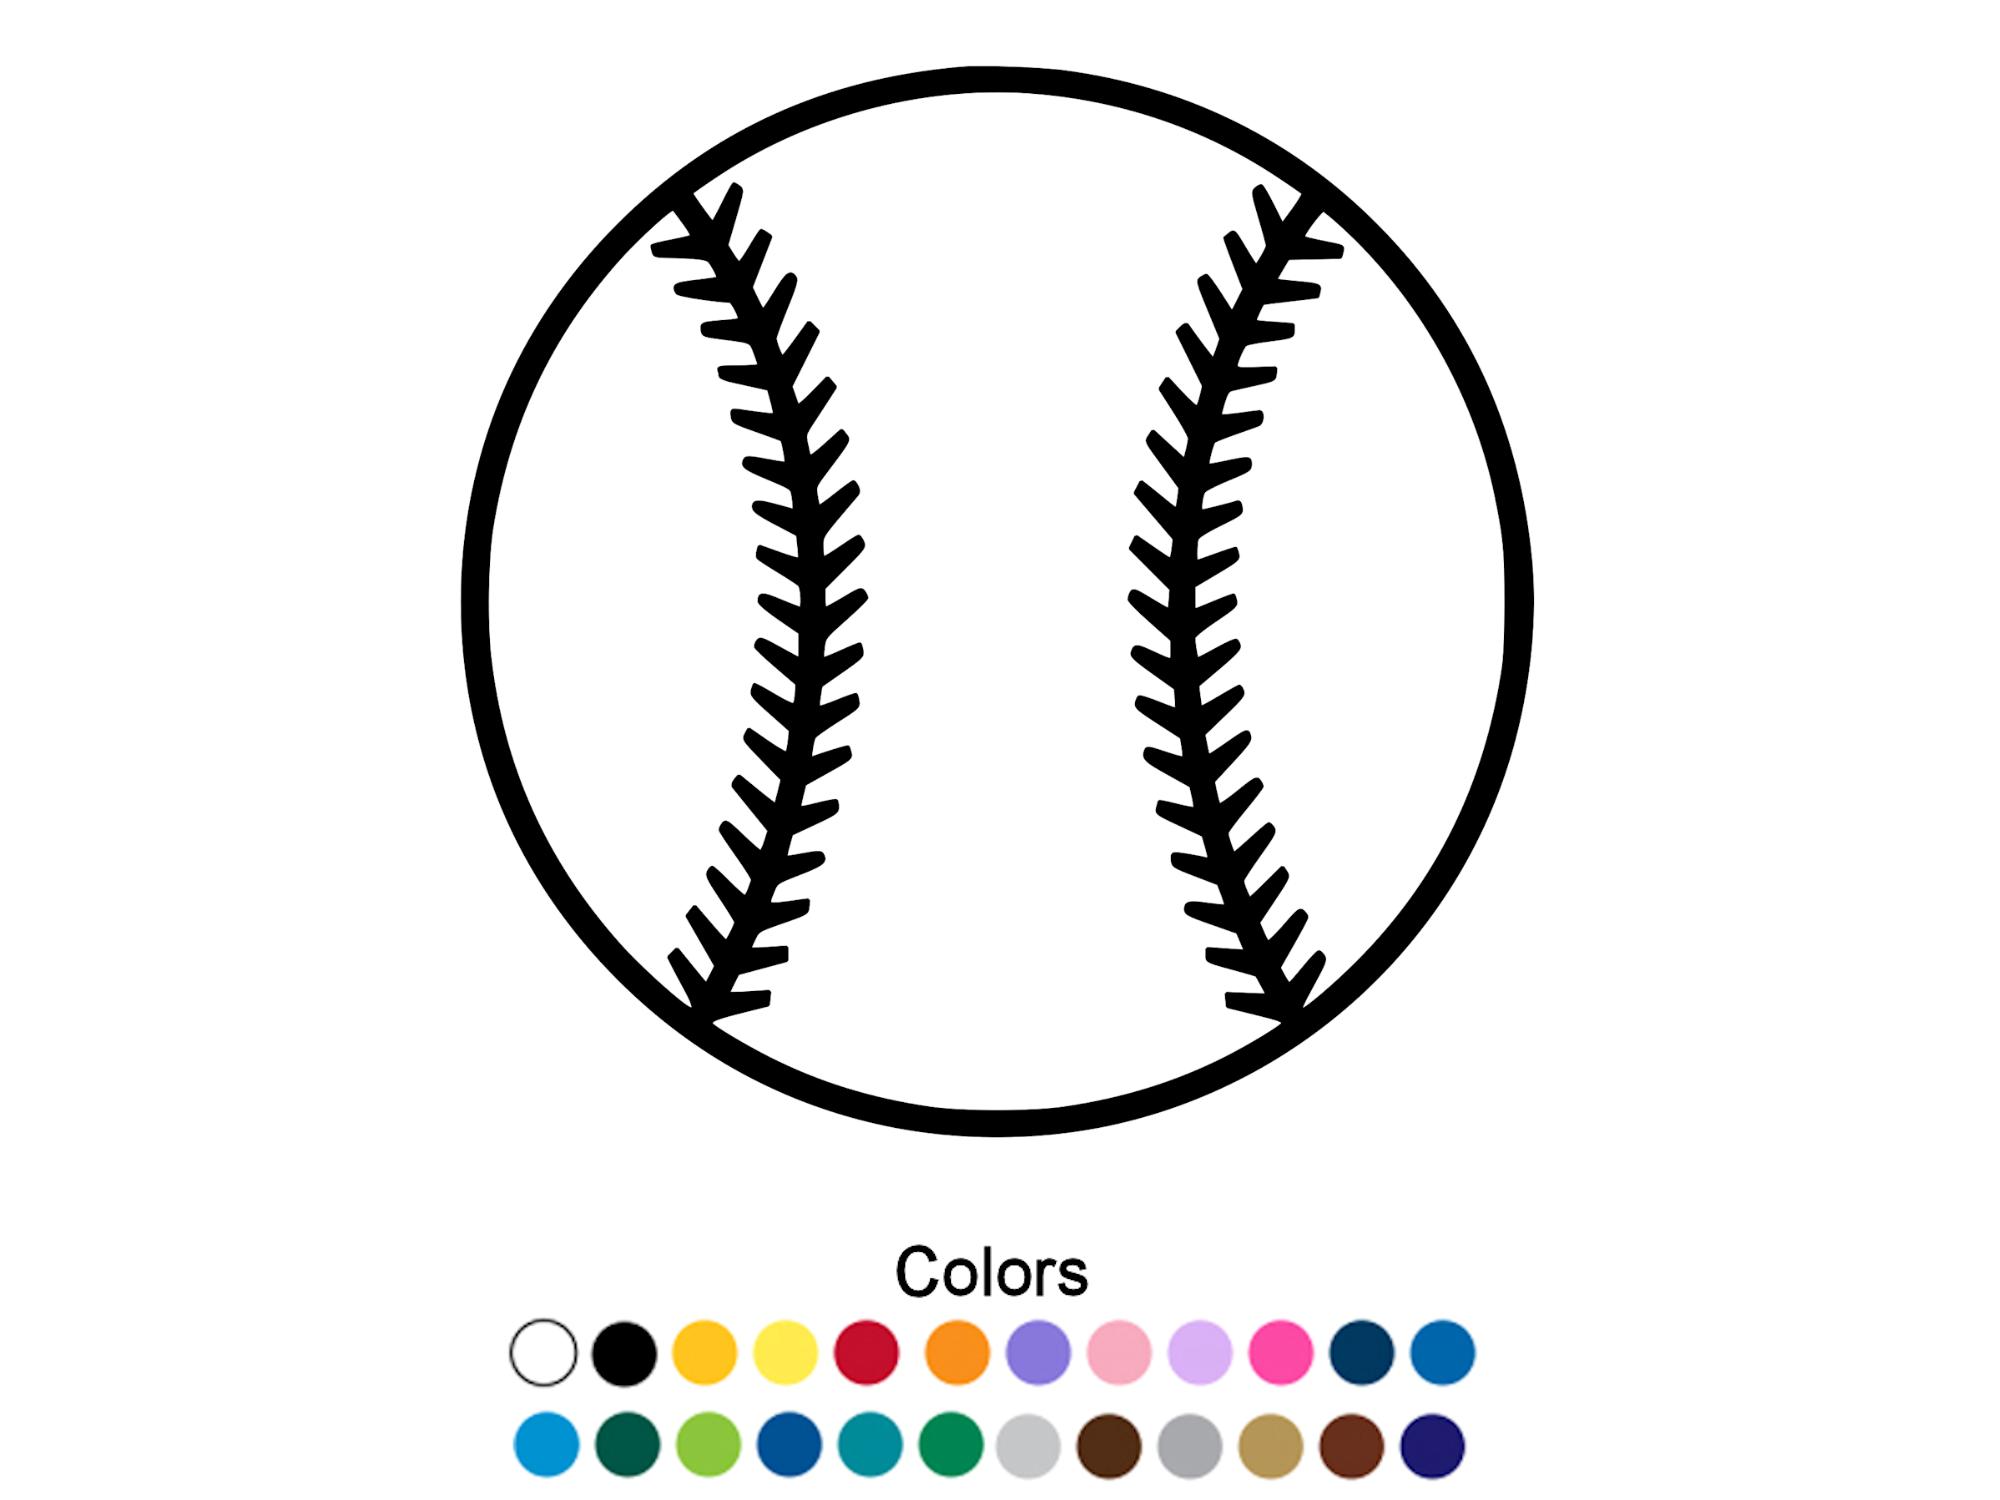 Baseball Outline Car Decal For Baseball Fans Baseball Decals Baseball Sticker Custom Stickers